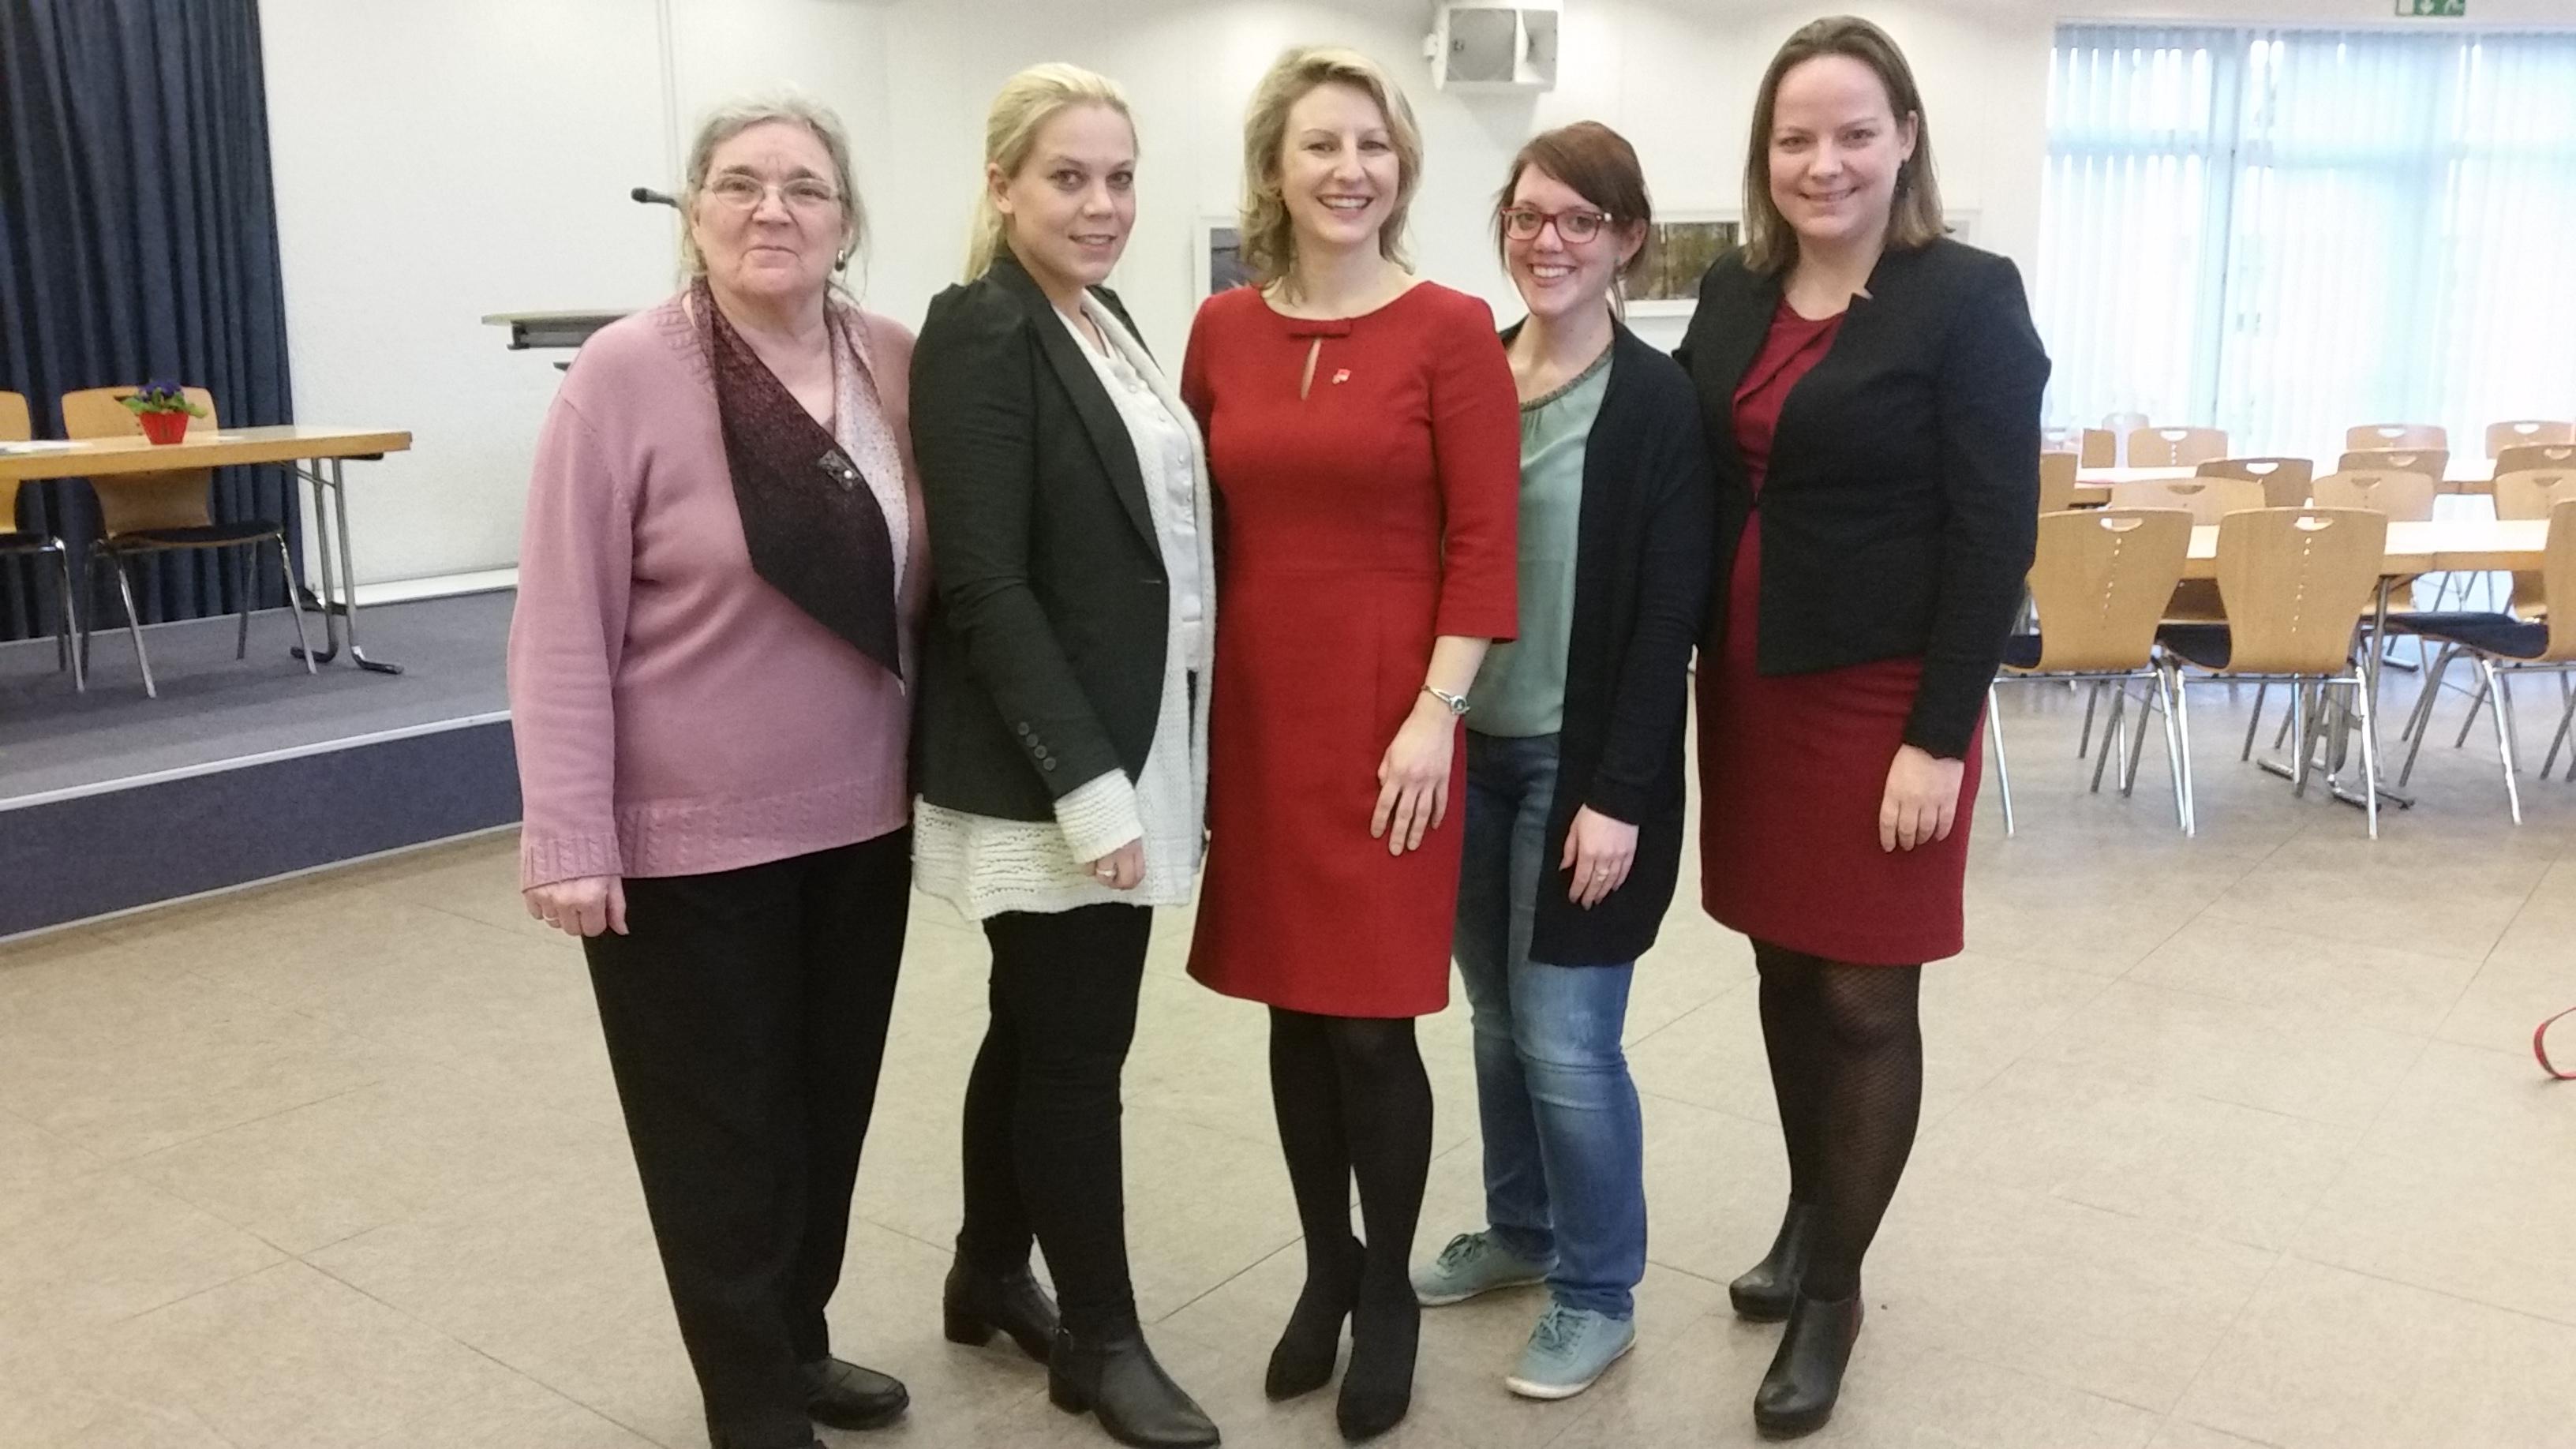 Delegierte Landeskonferenz v.l. Rosita Przybylski, Yvonne Mees, neue Vorsitzende Daniela Jansen, Sandra Niedermeier und Janine Köster (G. Keutgen-Bartosch fehlt auf d. Foto).